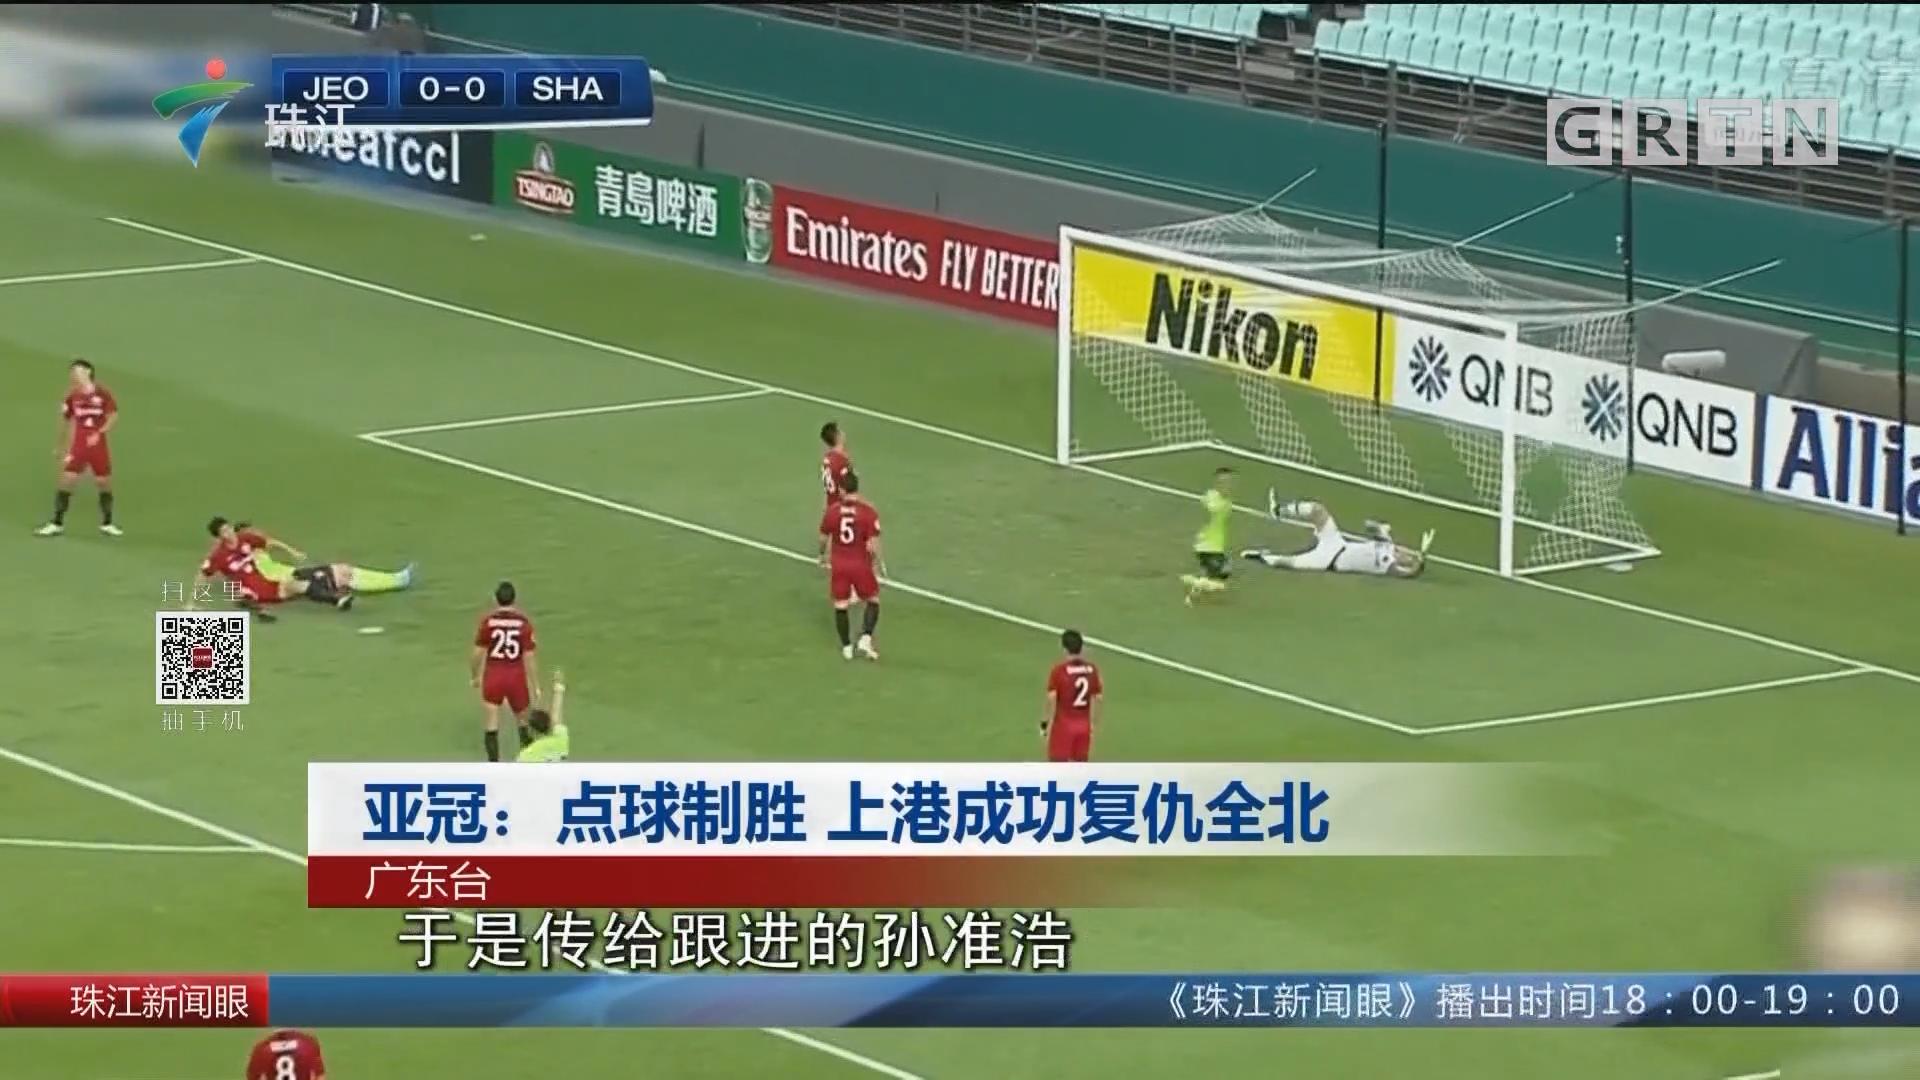 亚冠:点球制胜 上港成功复仇全北